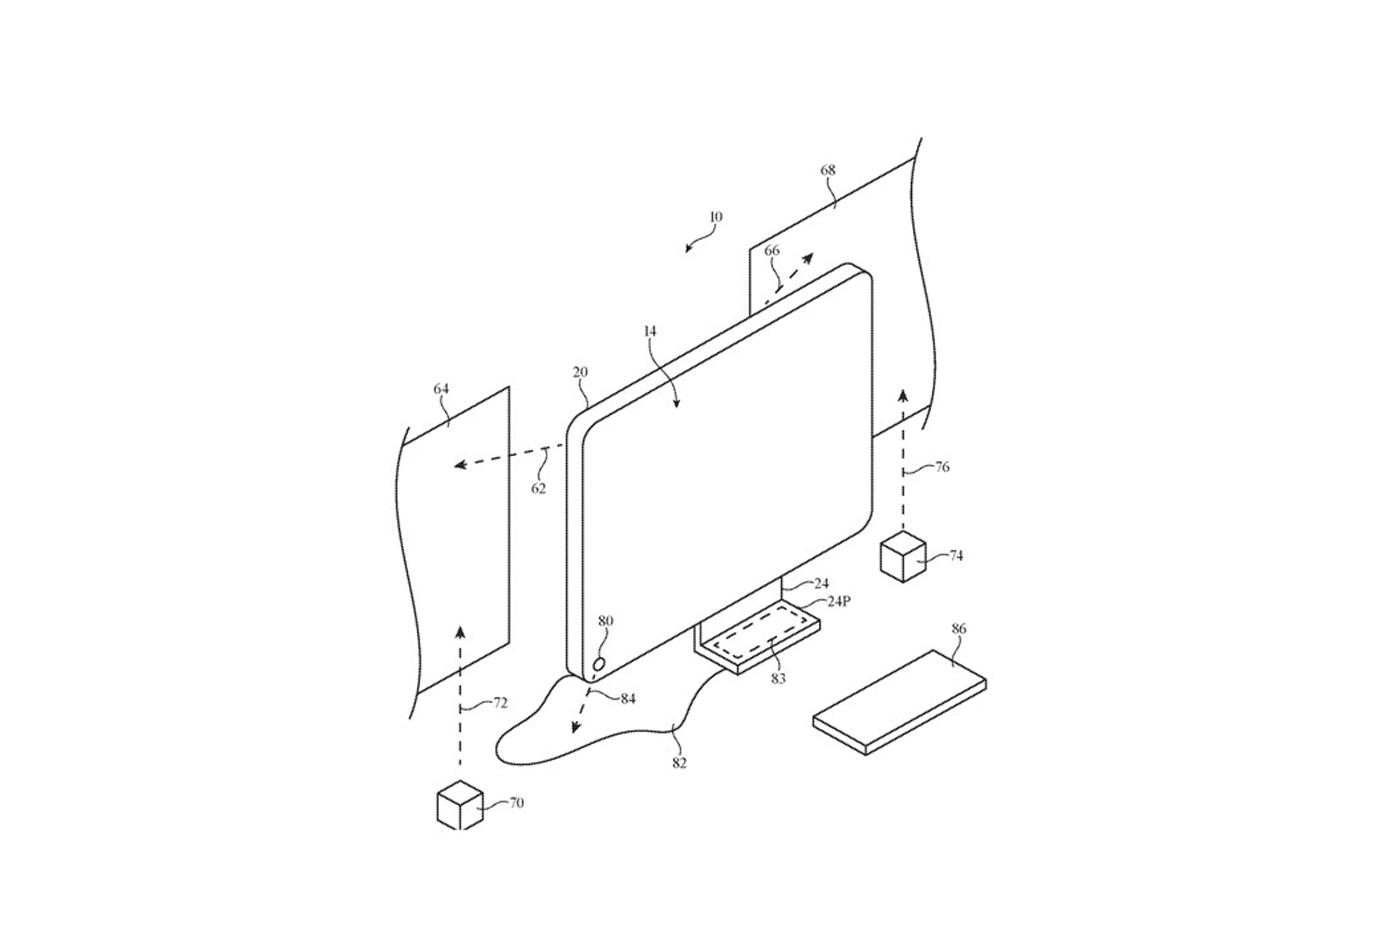 Un iMac à mi-chemin entre le projecteur et un concept-car 1